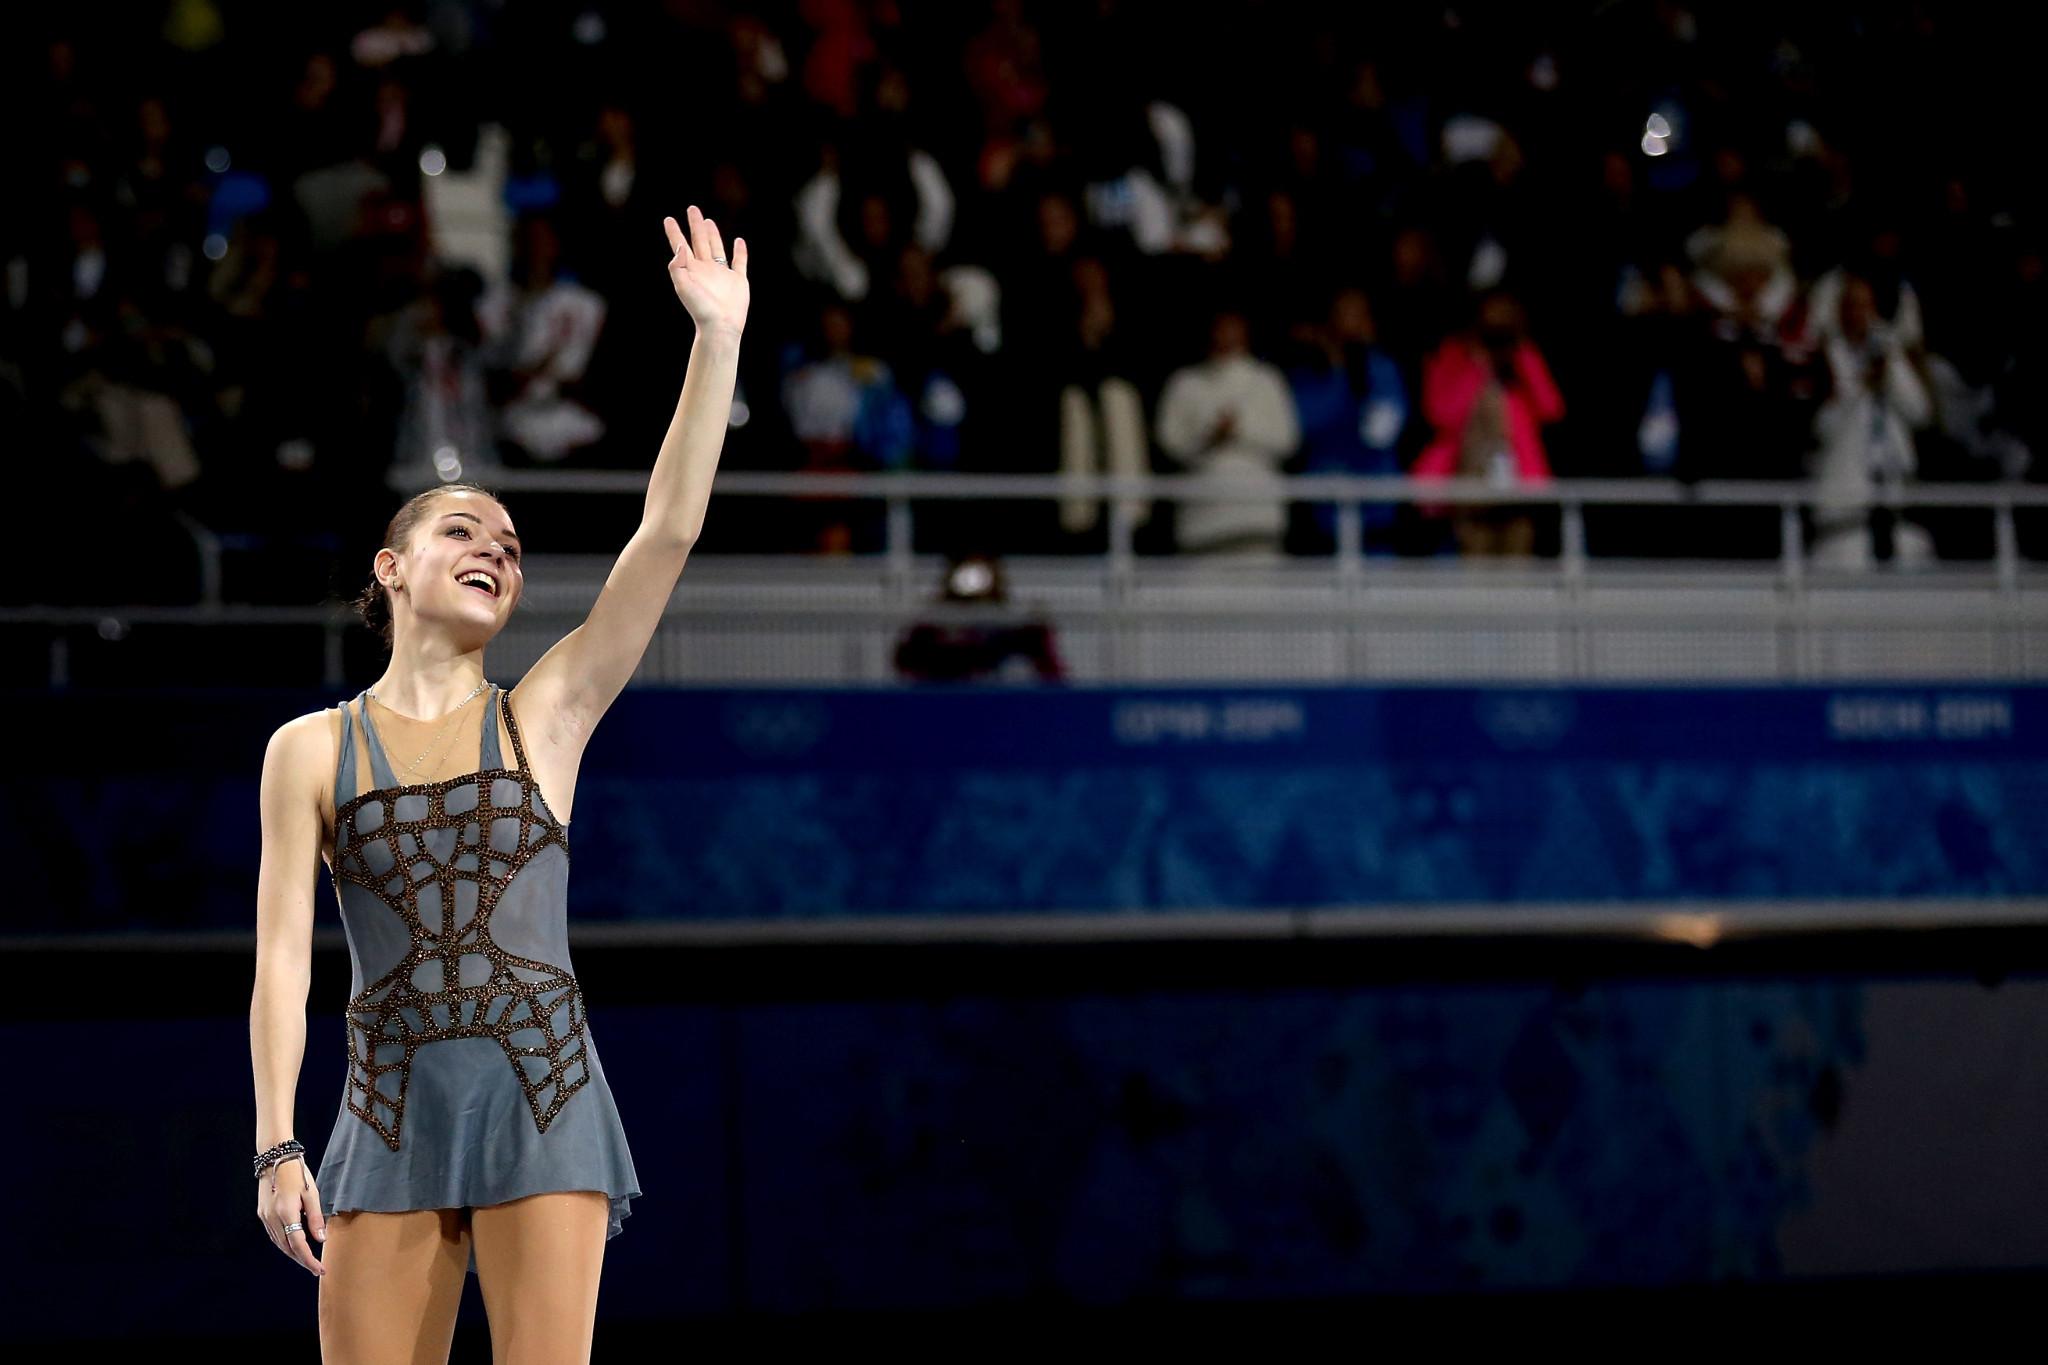 Sochi 2014 champion Sotnikova launches figure skating school